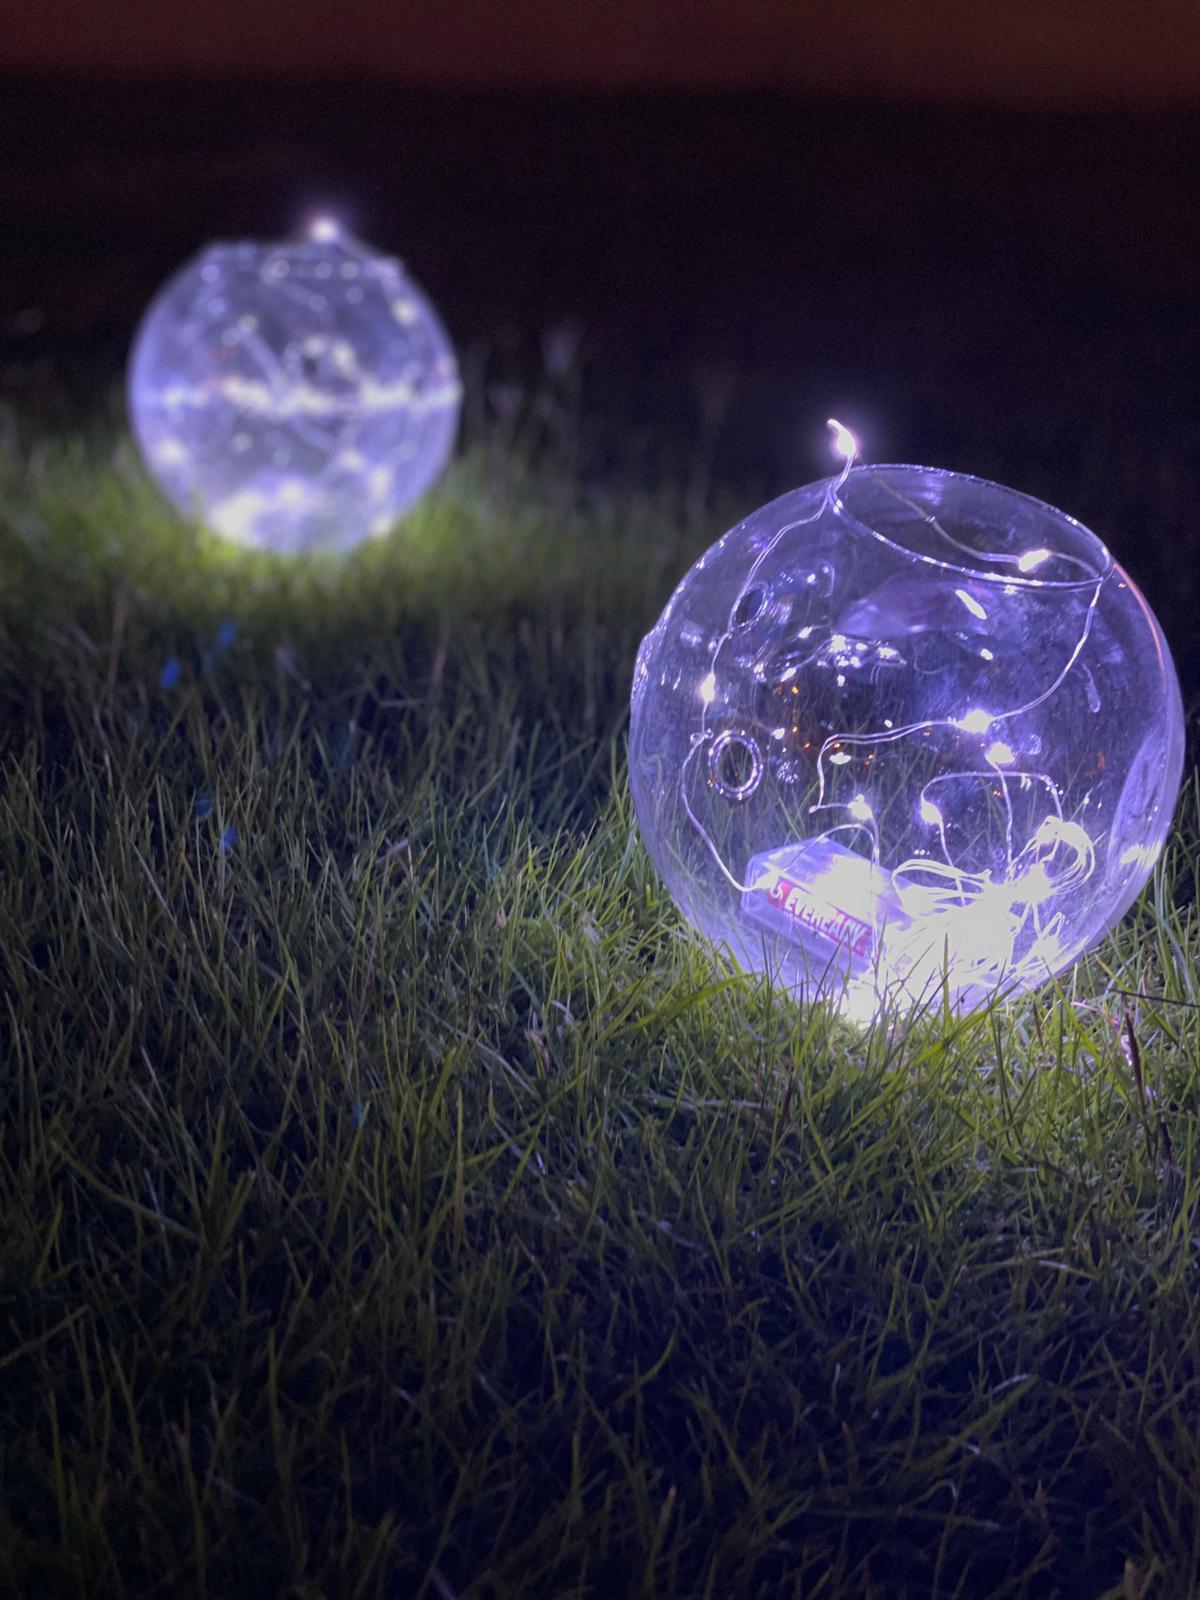 فازات زجاجية مدورة وصغيرة مع إضاءة -5 فازات  Online